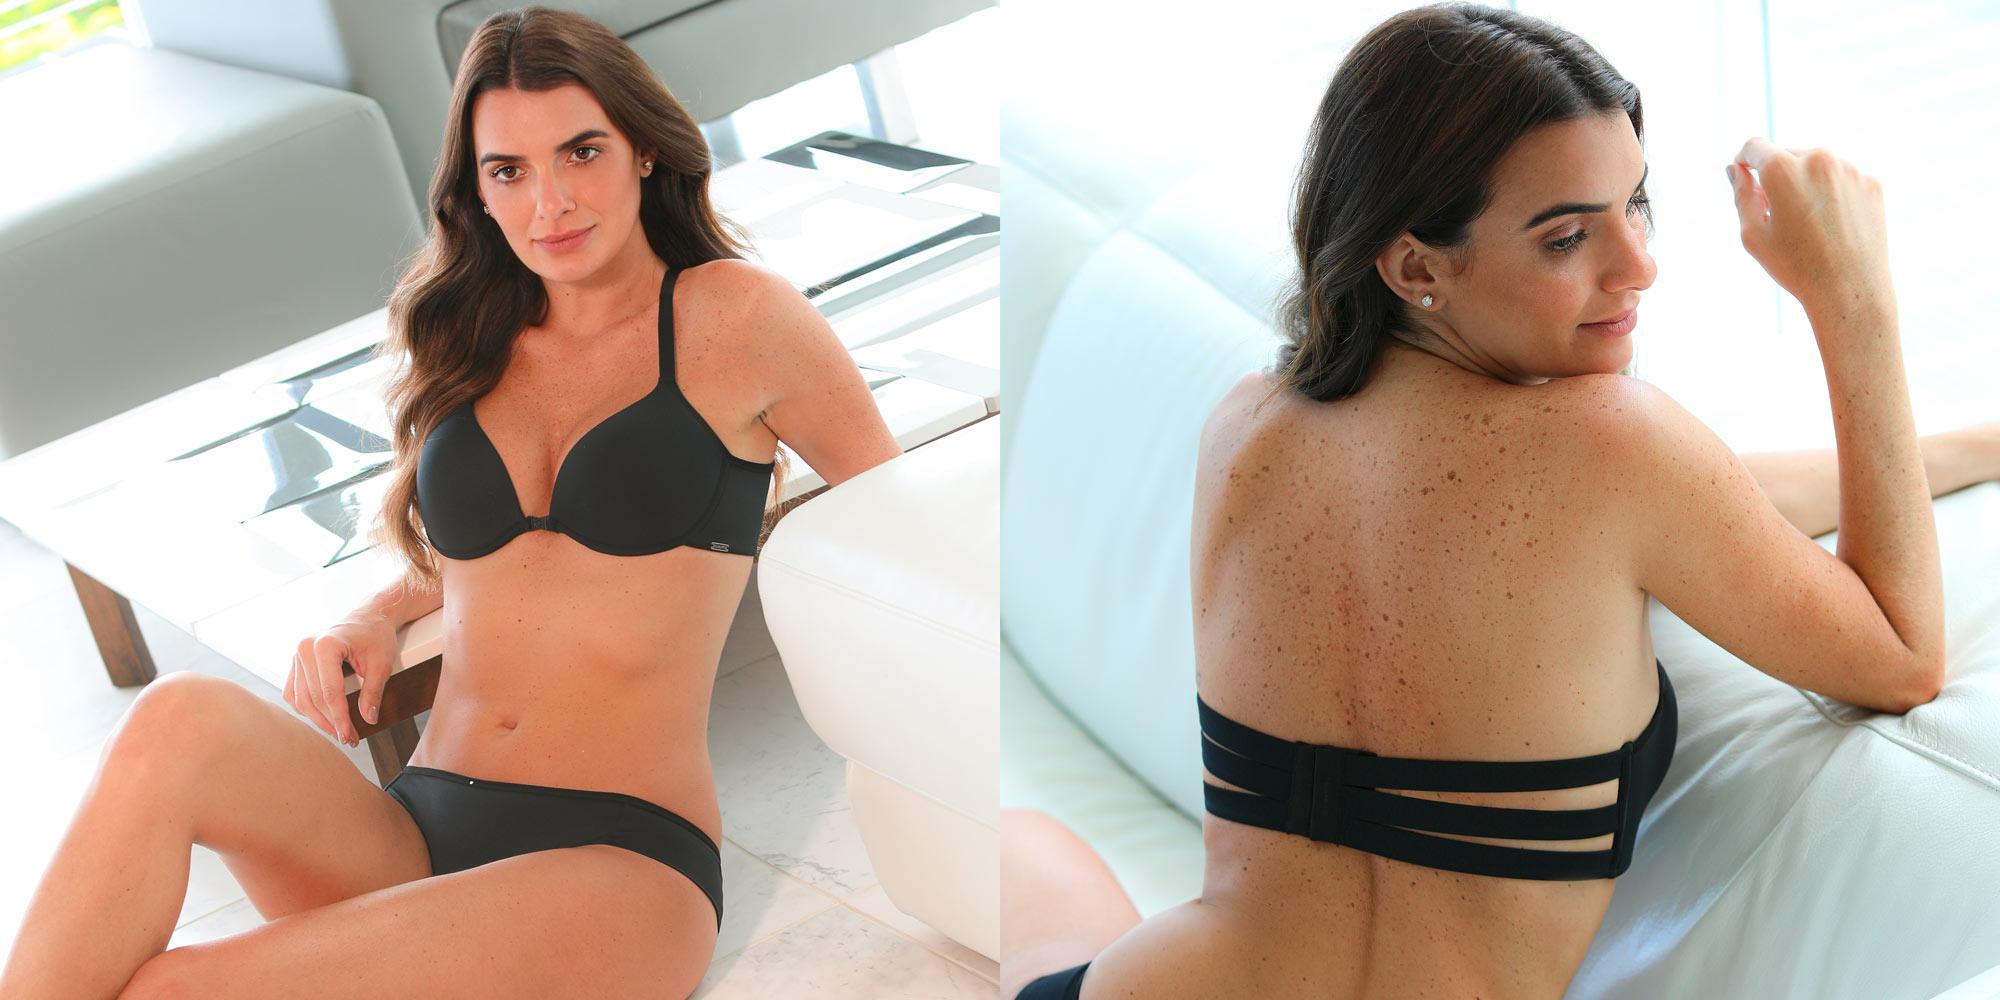 Imagem com duas fotos. No lado direito modelo sentada no chão vestindo lingerie com sutiã push-up. Na imagem da esquerda modelo estada sentada de costas mostrando sutiã sem alças com tiras. Ambas as lingeries são na cor preta.